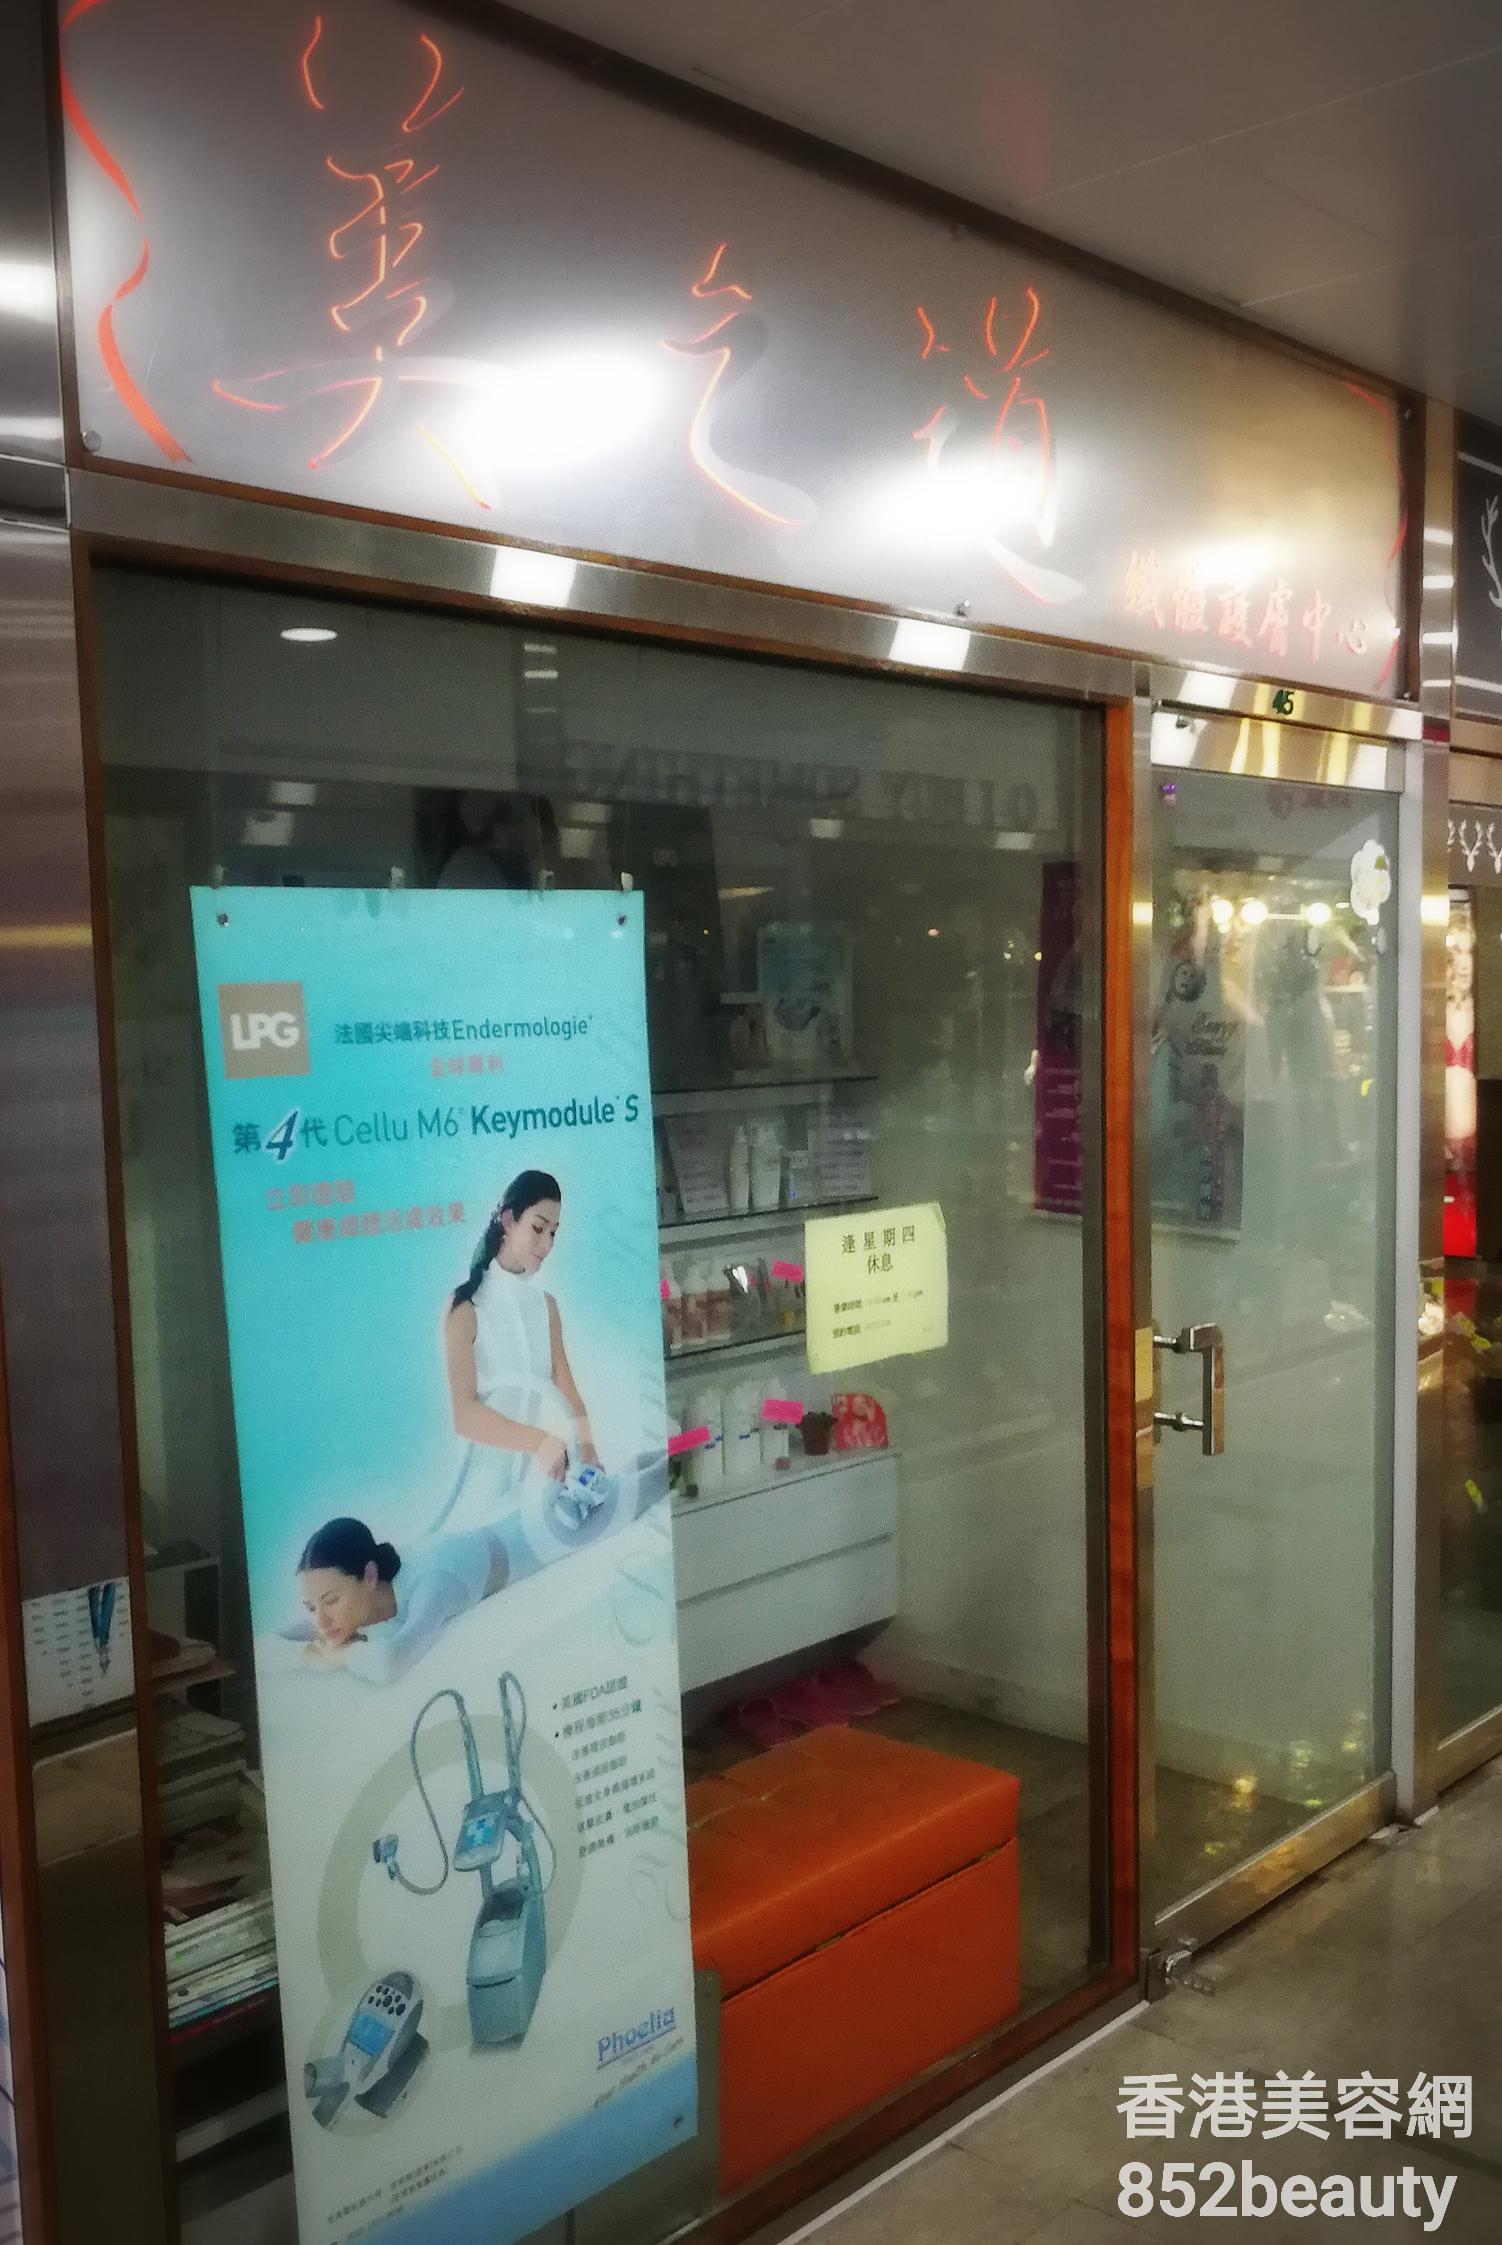 香港美容院 美容師 : 美之道 纖體護膚中心 @青年創業軍